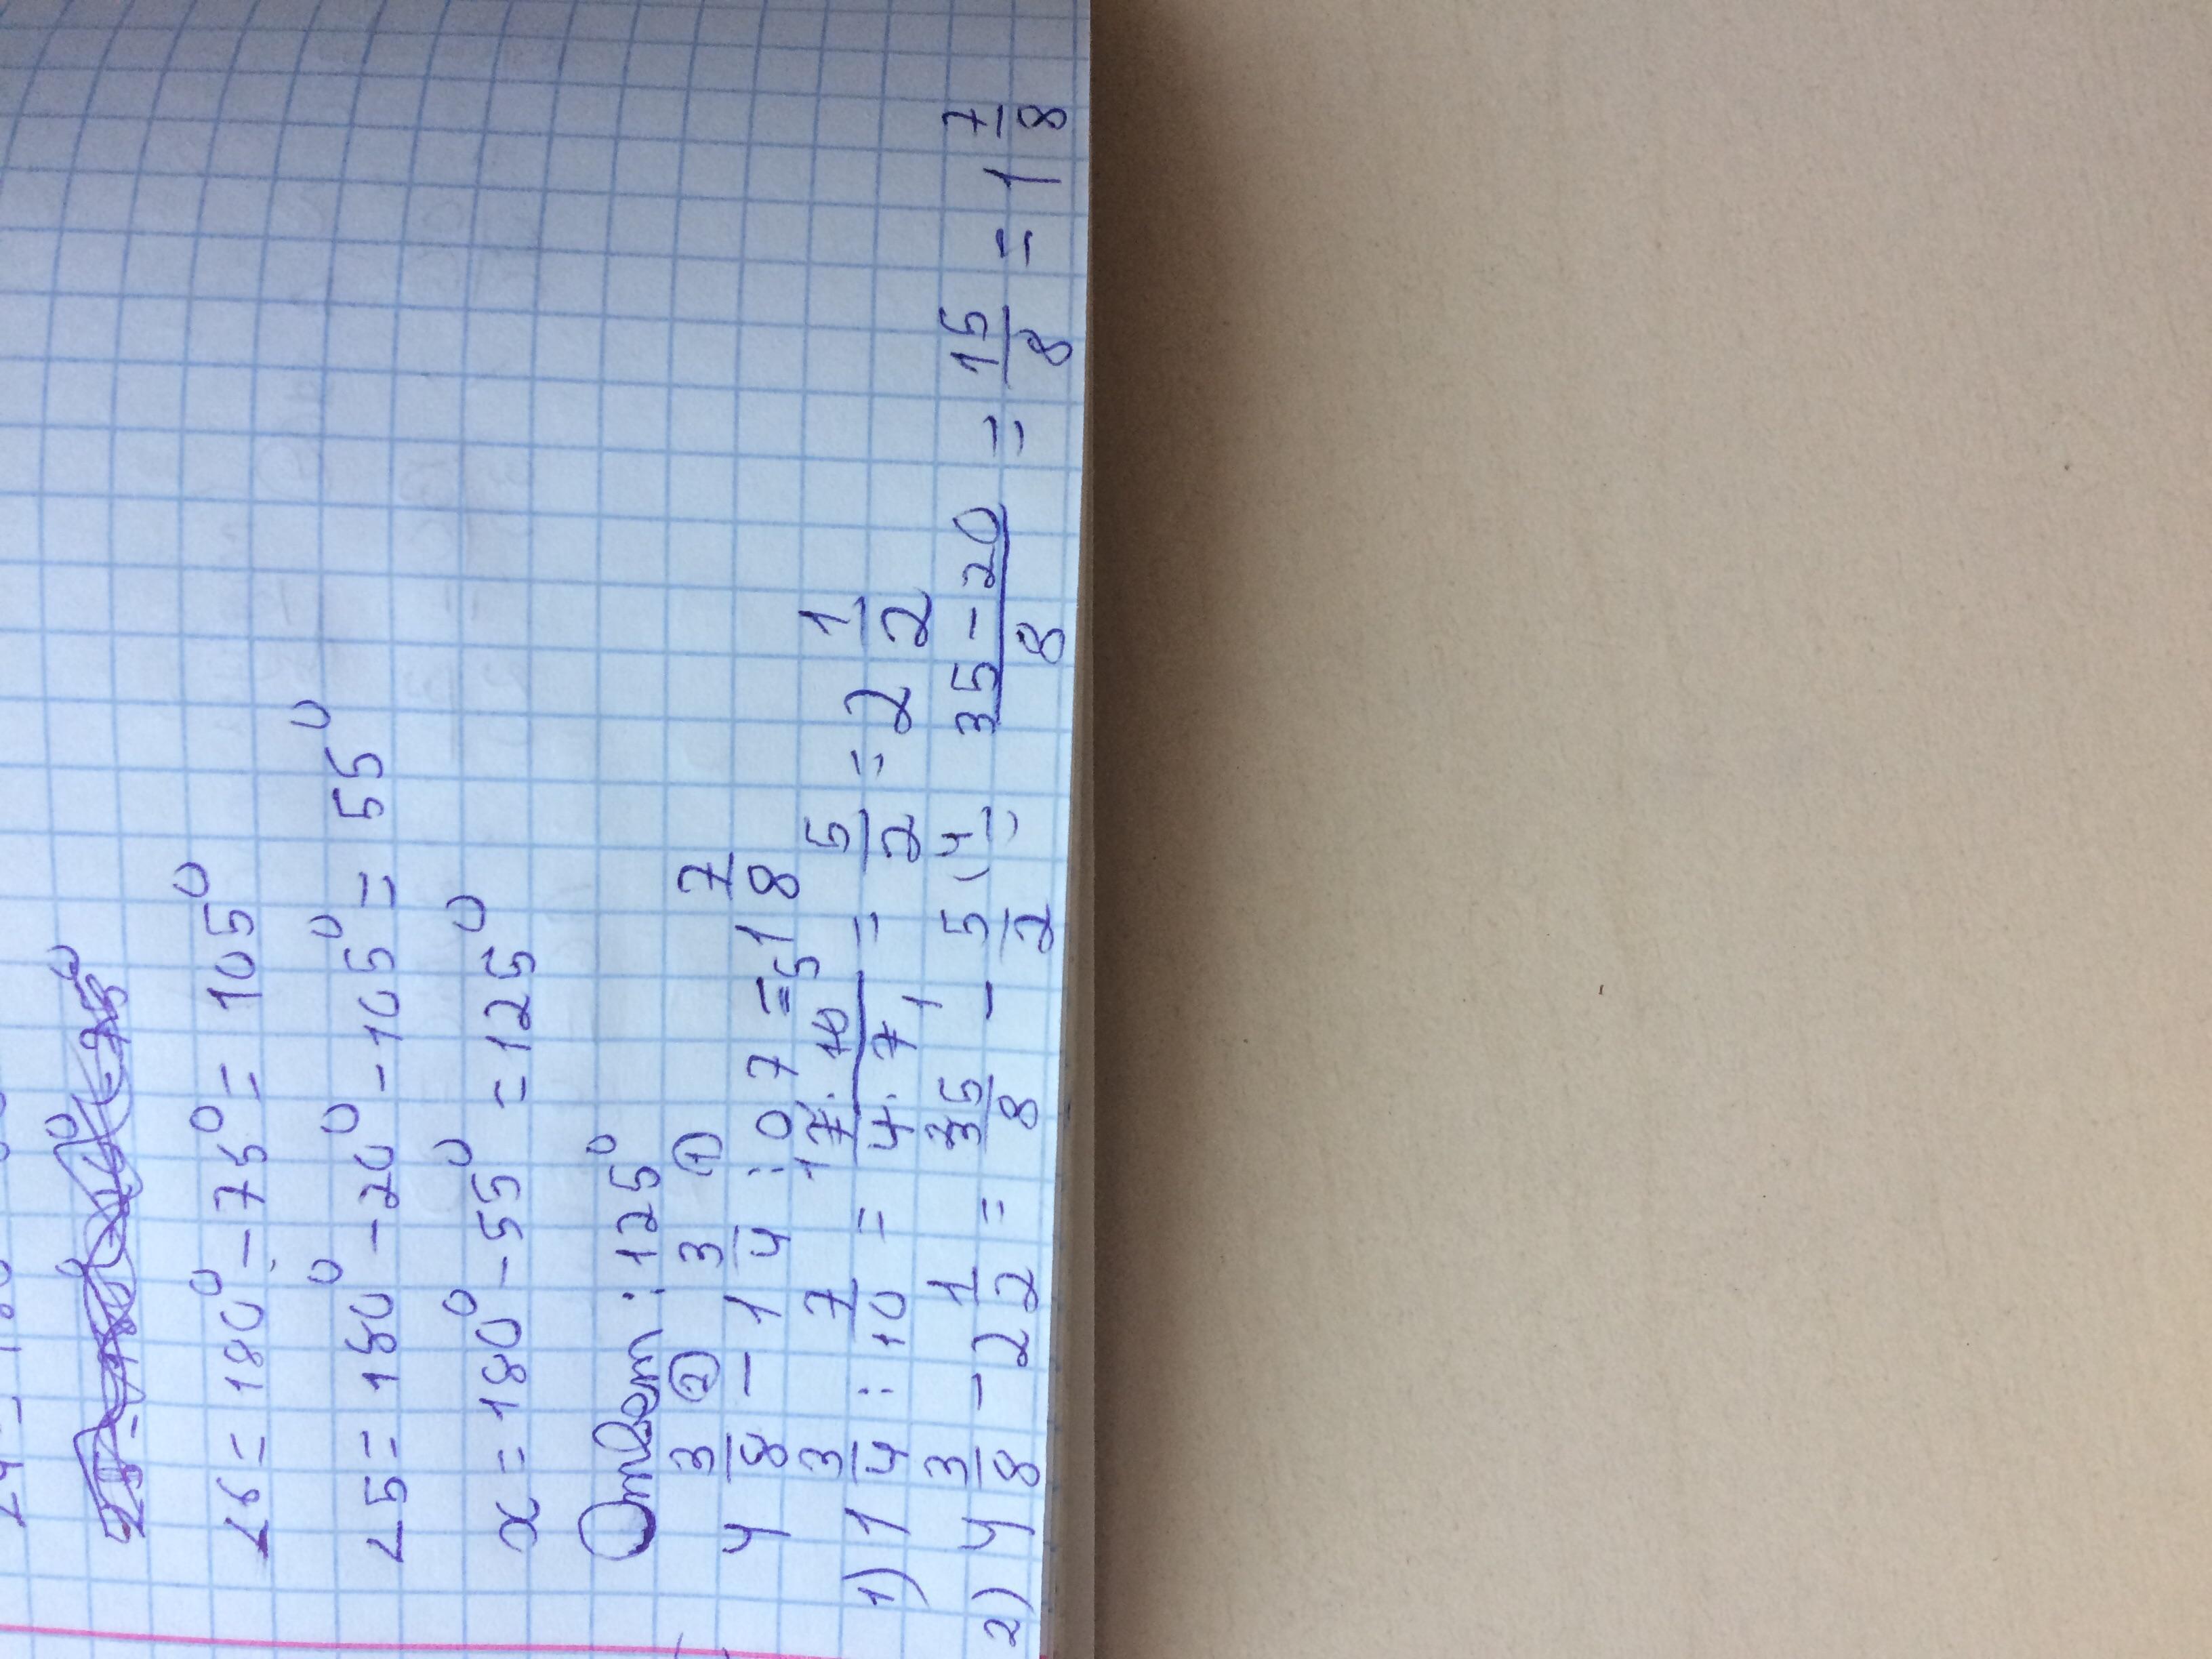 4 целых 3/8 минус 1 целая 3/4 поделить на 0,7